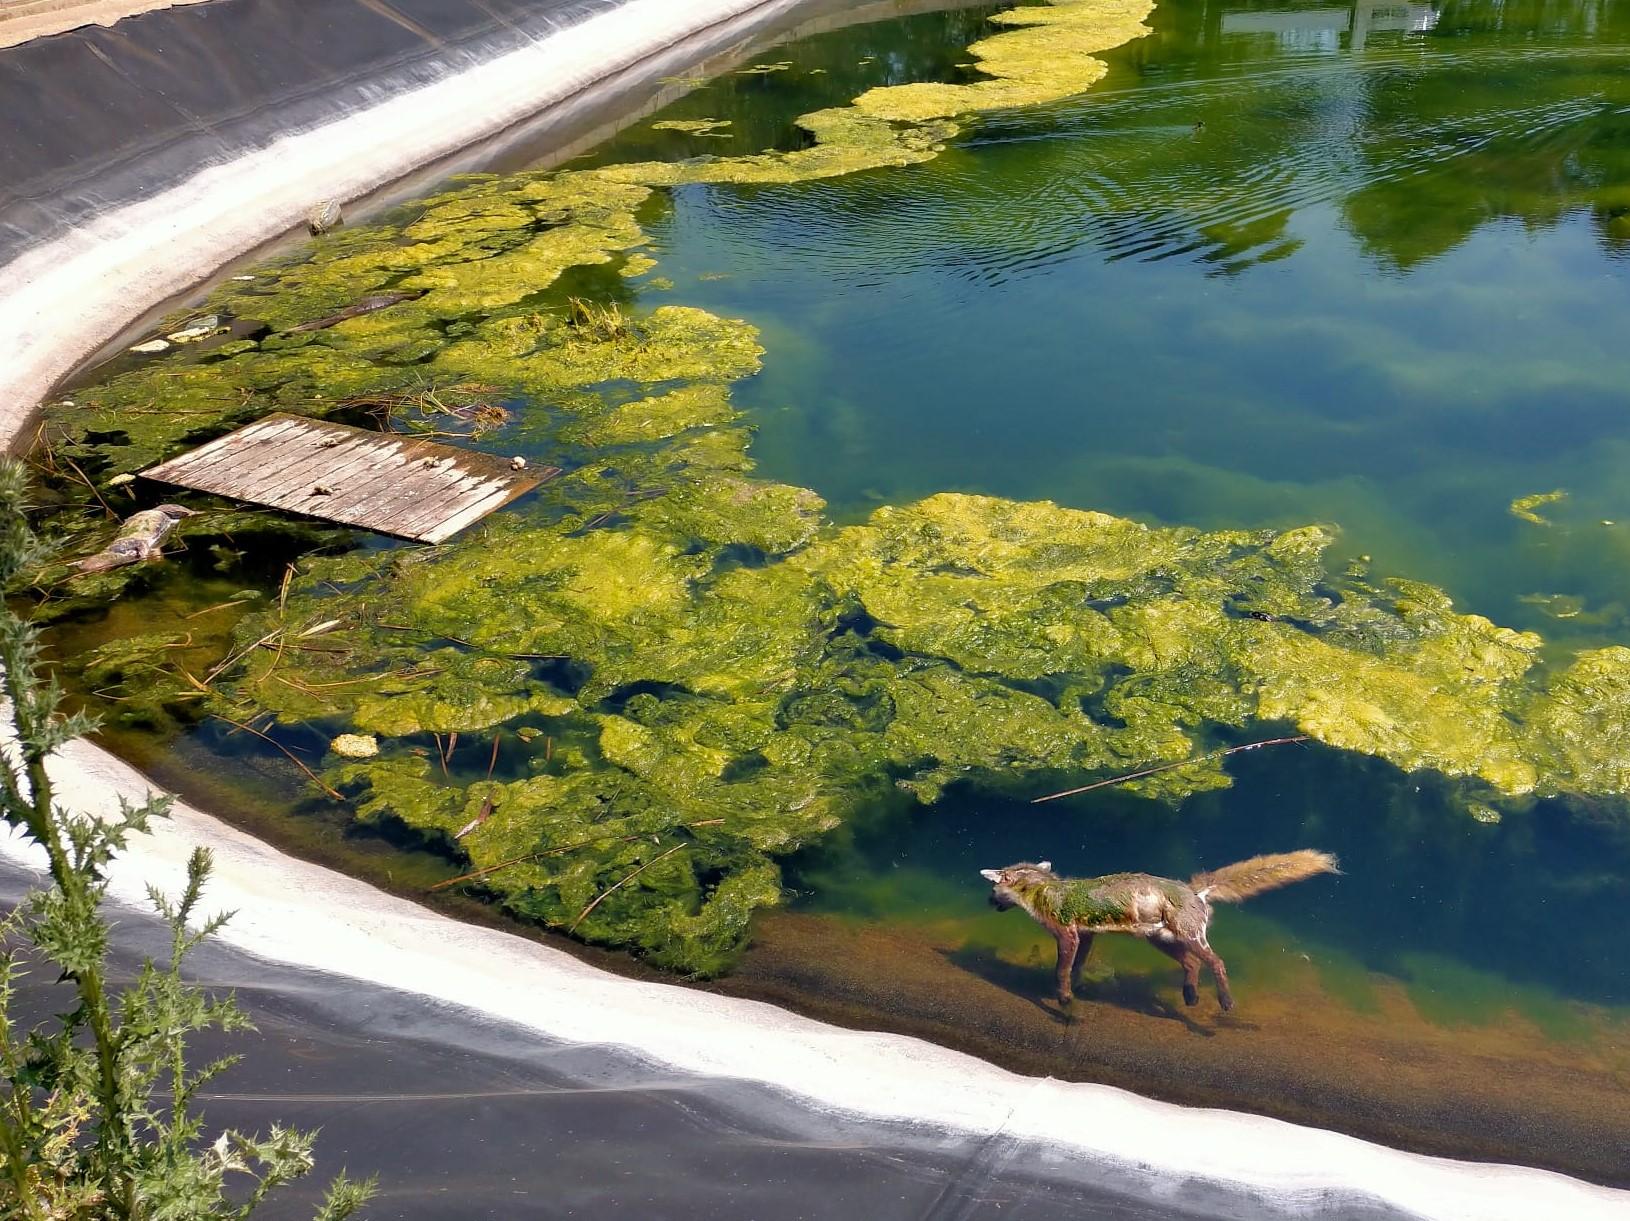 Zorros ahogados en el Centro de Educación Ambiental de la Comunidad Valenciana. Imagen: Adensva